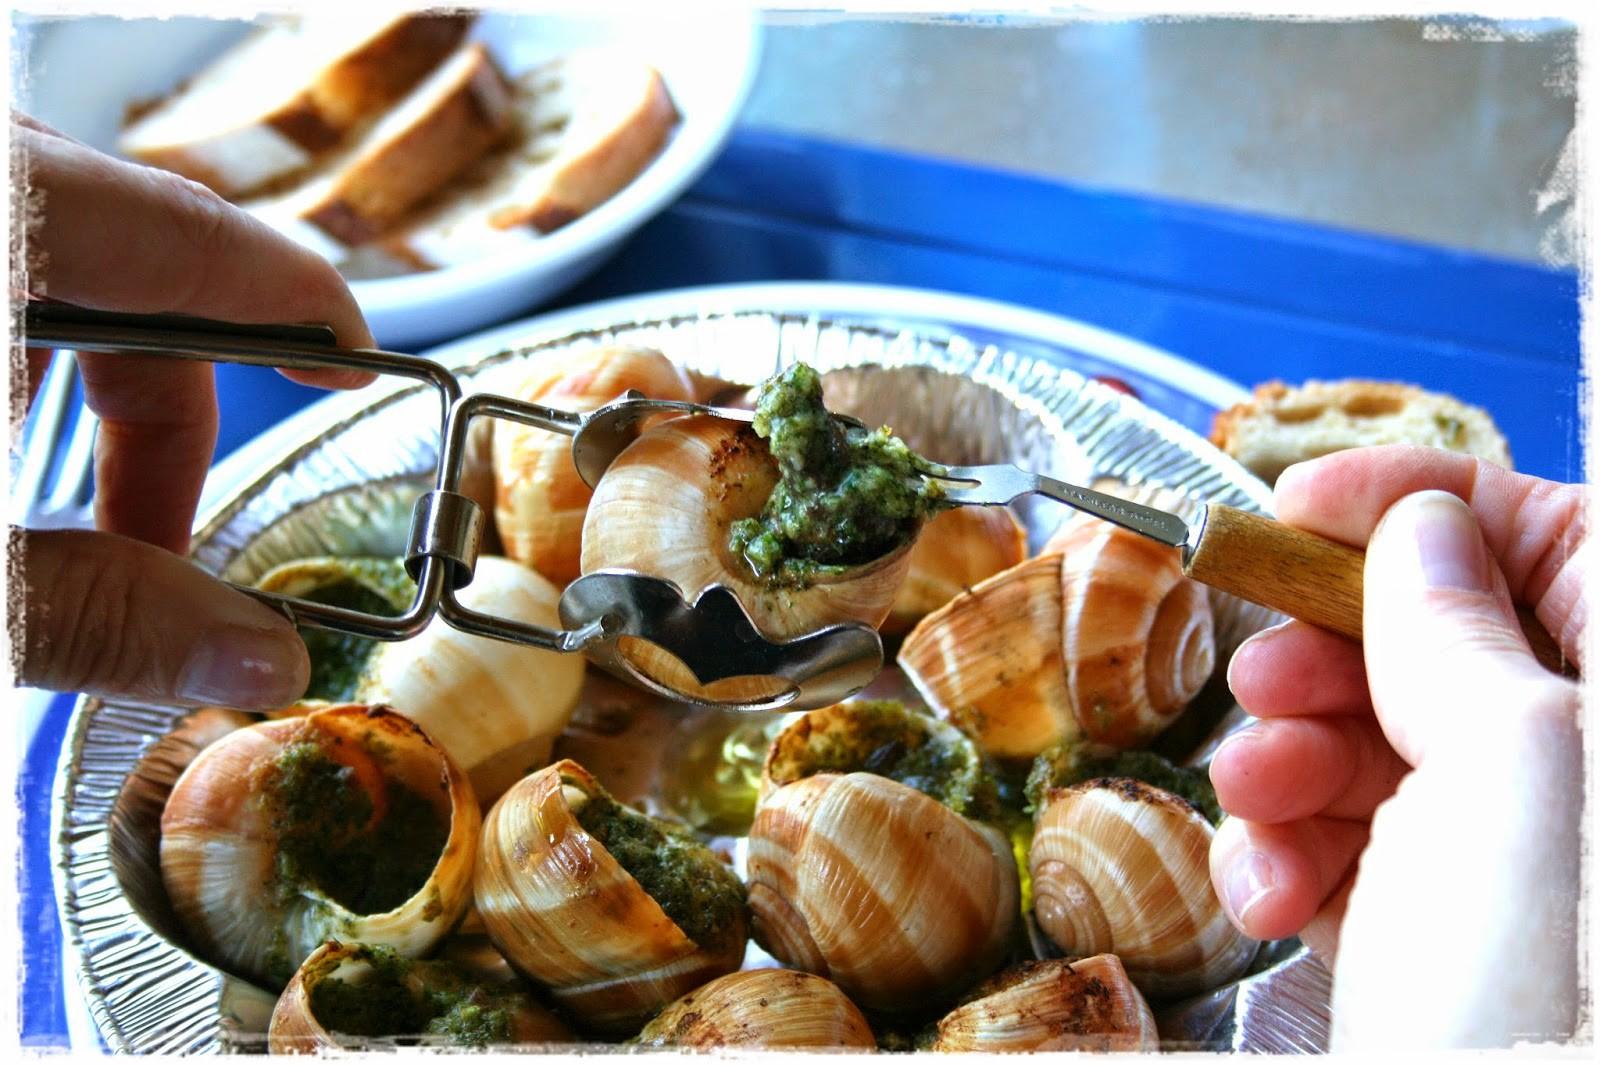 Ở Việt Nam, ốc sên không ai ăn nhưng ở Pháp đây lại là đặc sản đắt tiền3